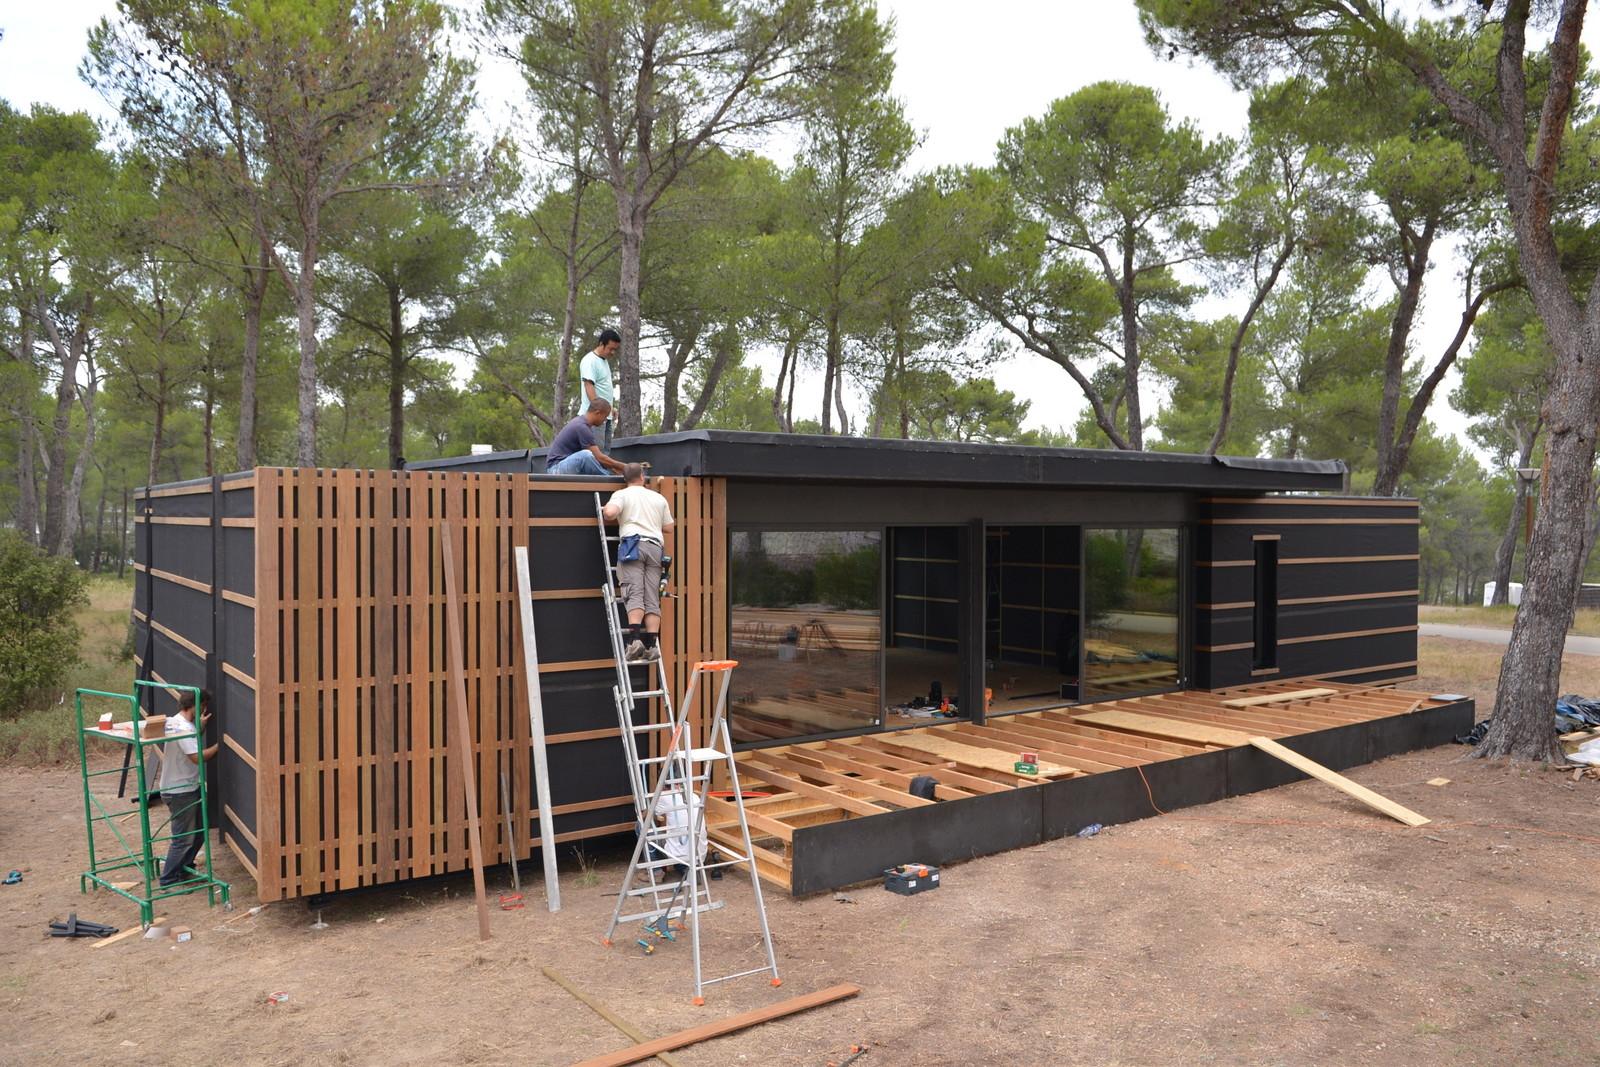 Finest Maison Bois A Monter Soi Meme Des Piscines Monter Soimme With Construire  Sa Maison Bois Soi Meme With Maison Bois A Monter Soi Meme With Construire  ...